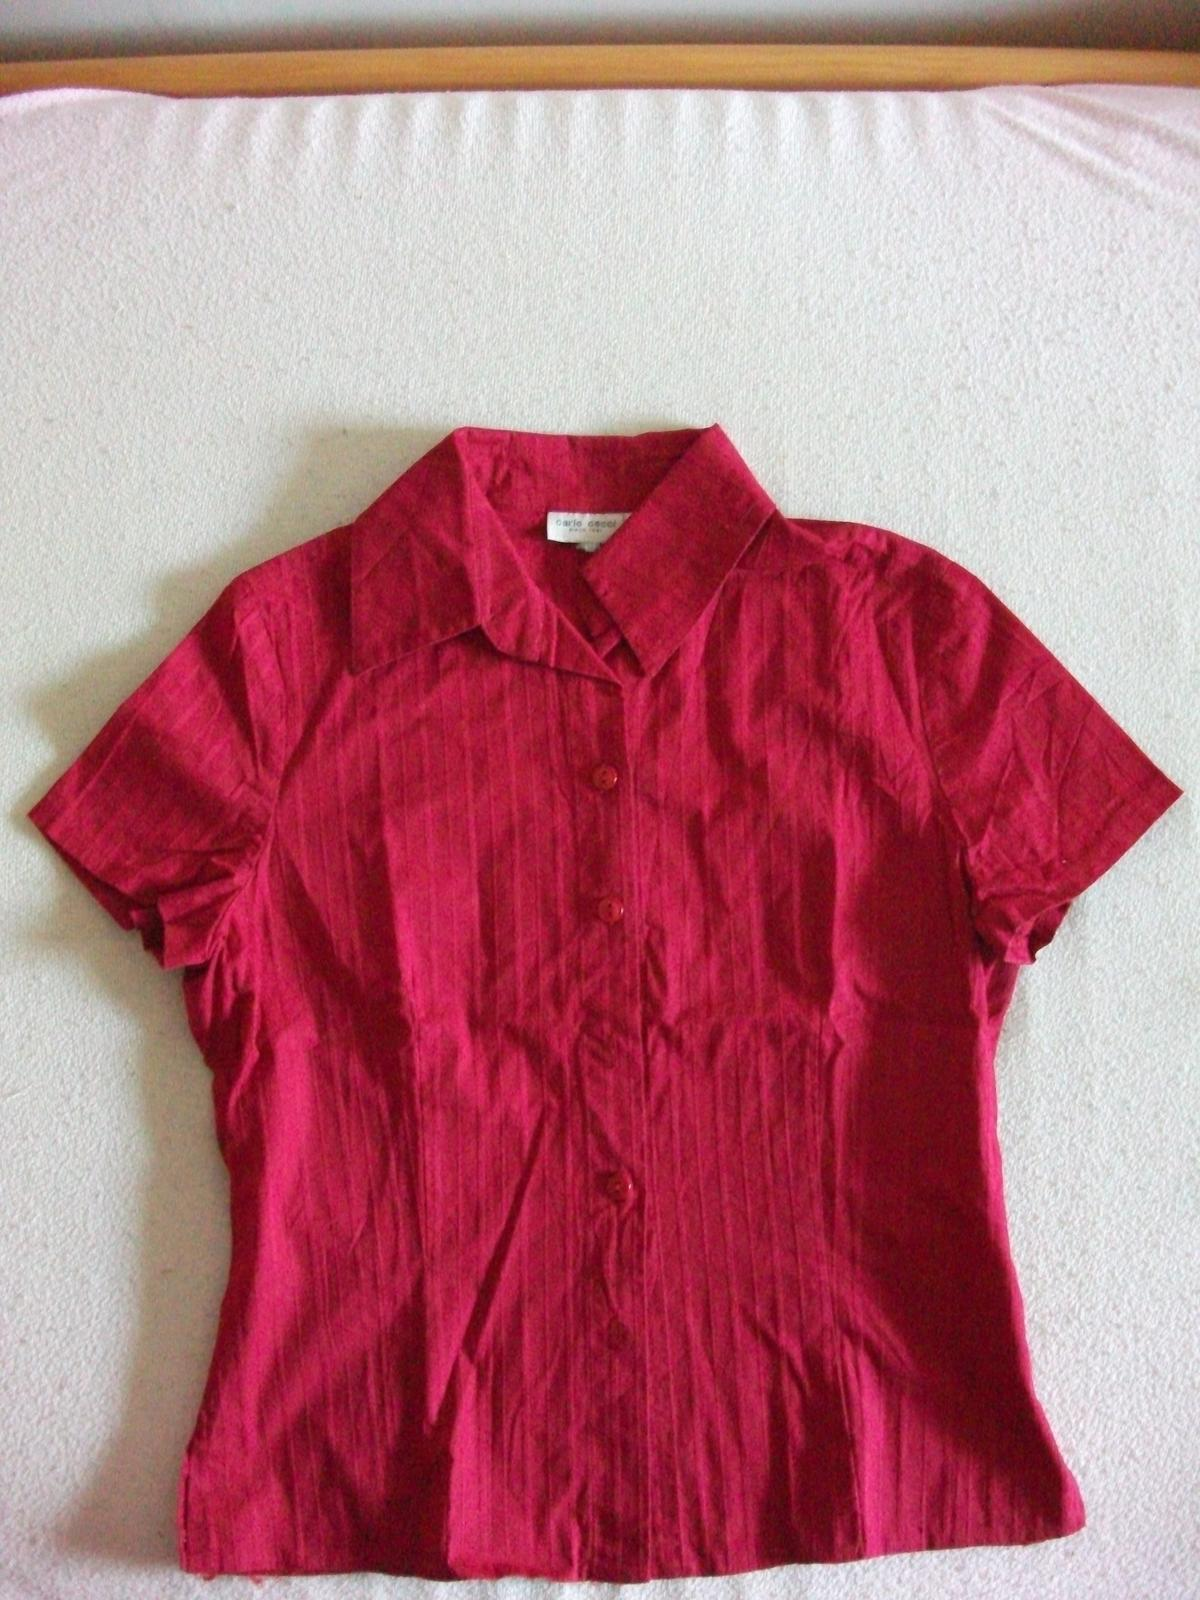 Košile - Obrázek č. 1